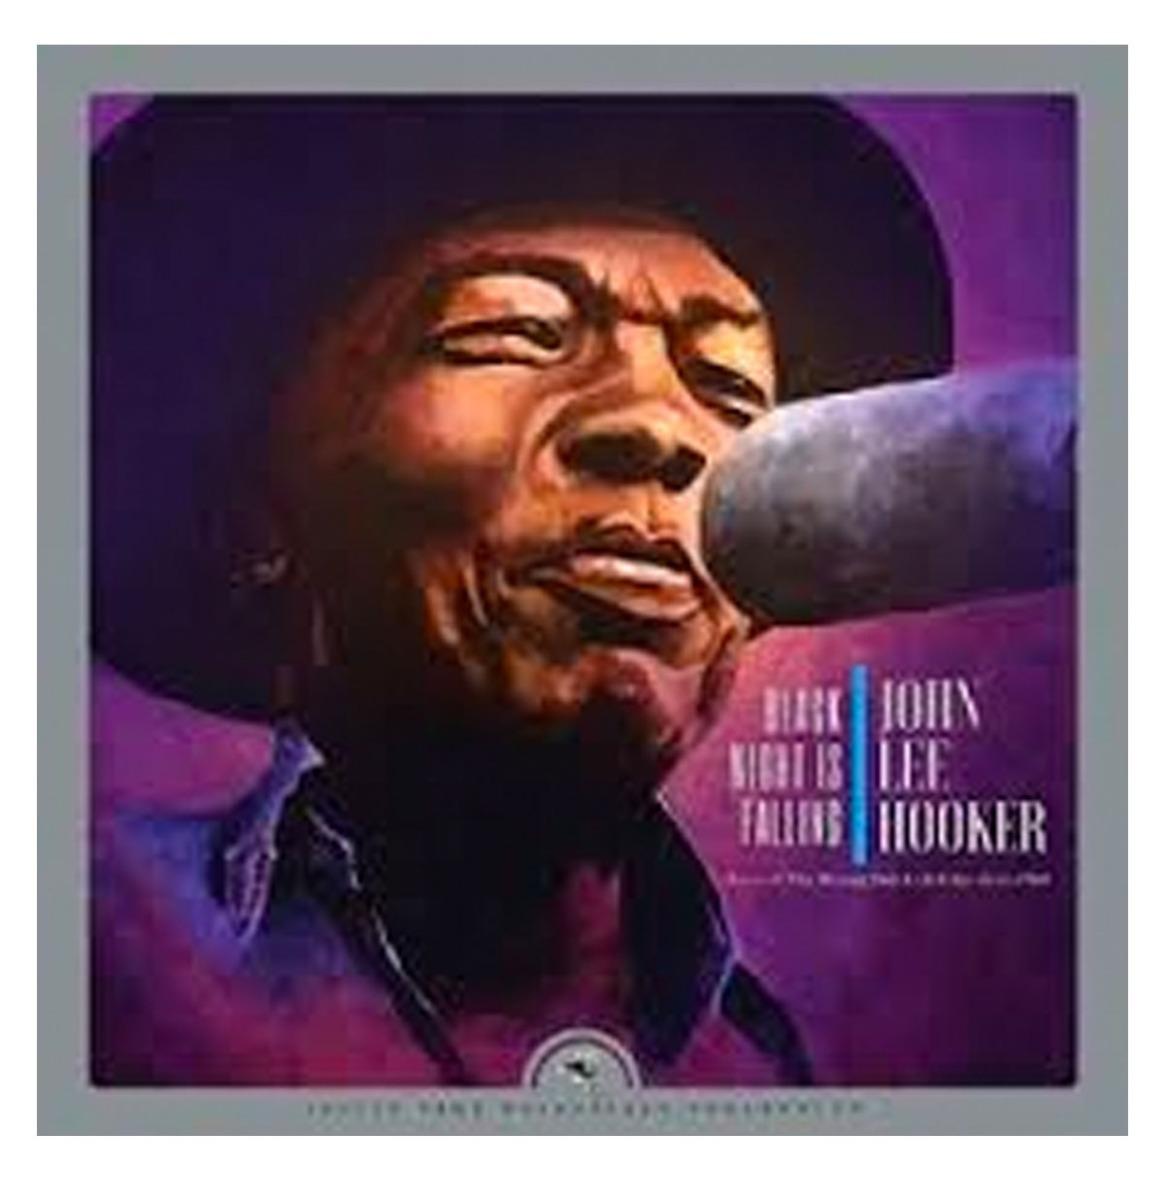 John Lee Hooker - Black Night Is Falling LP